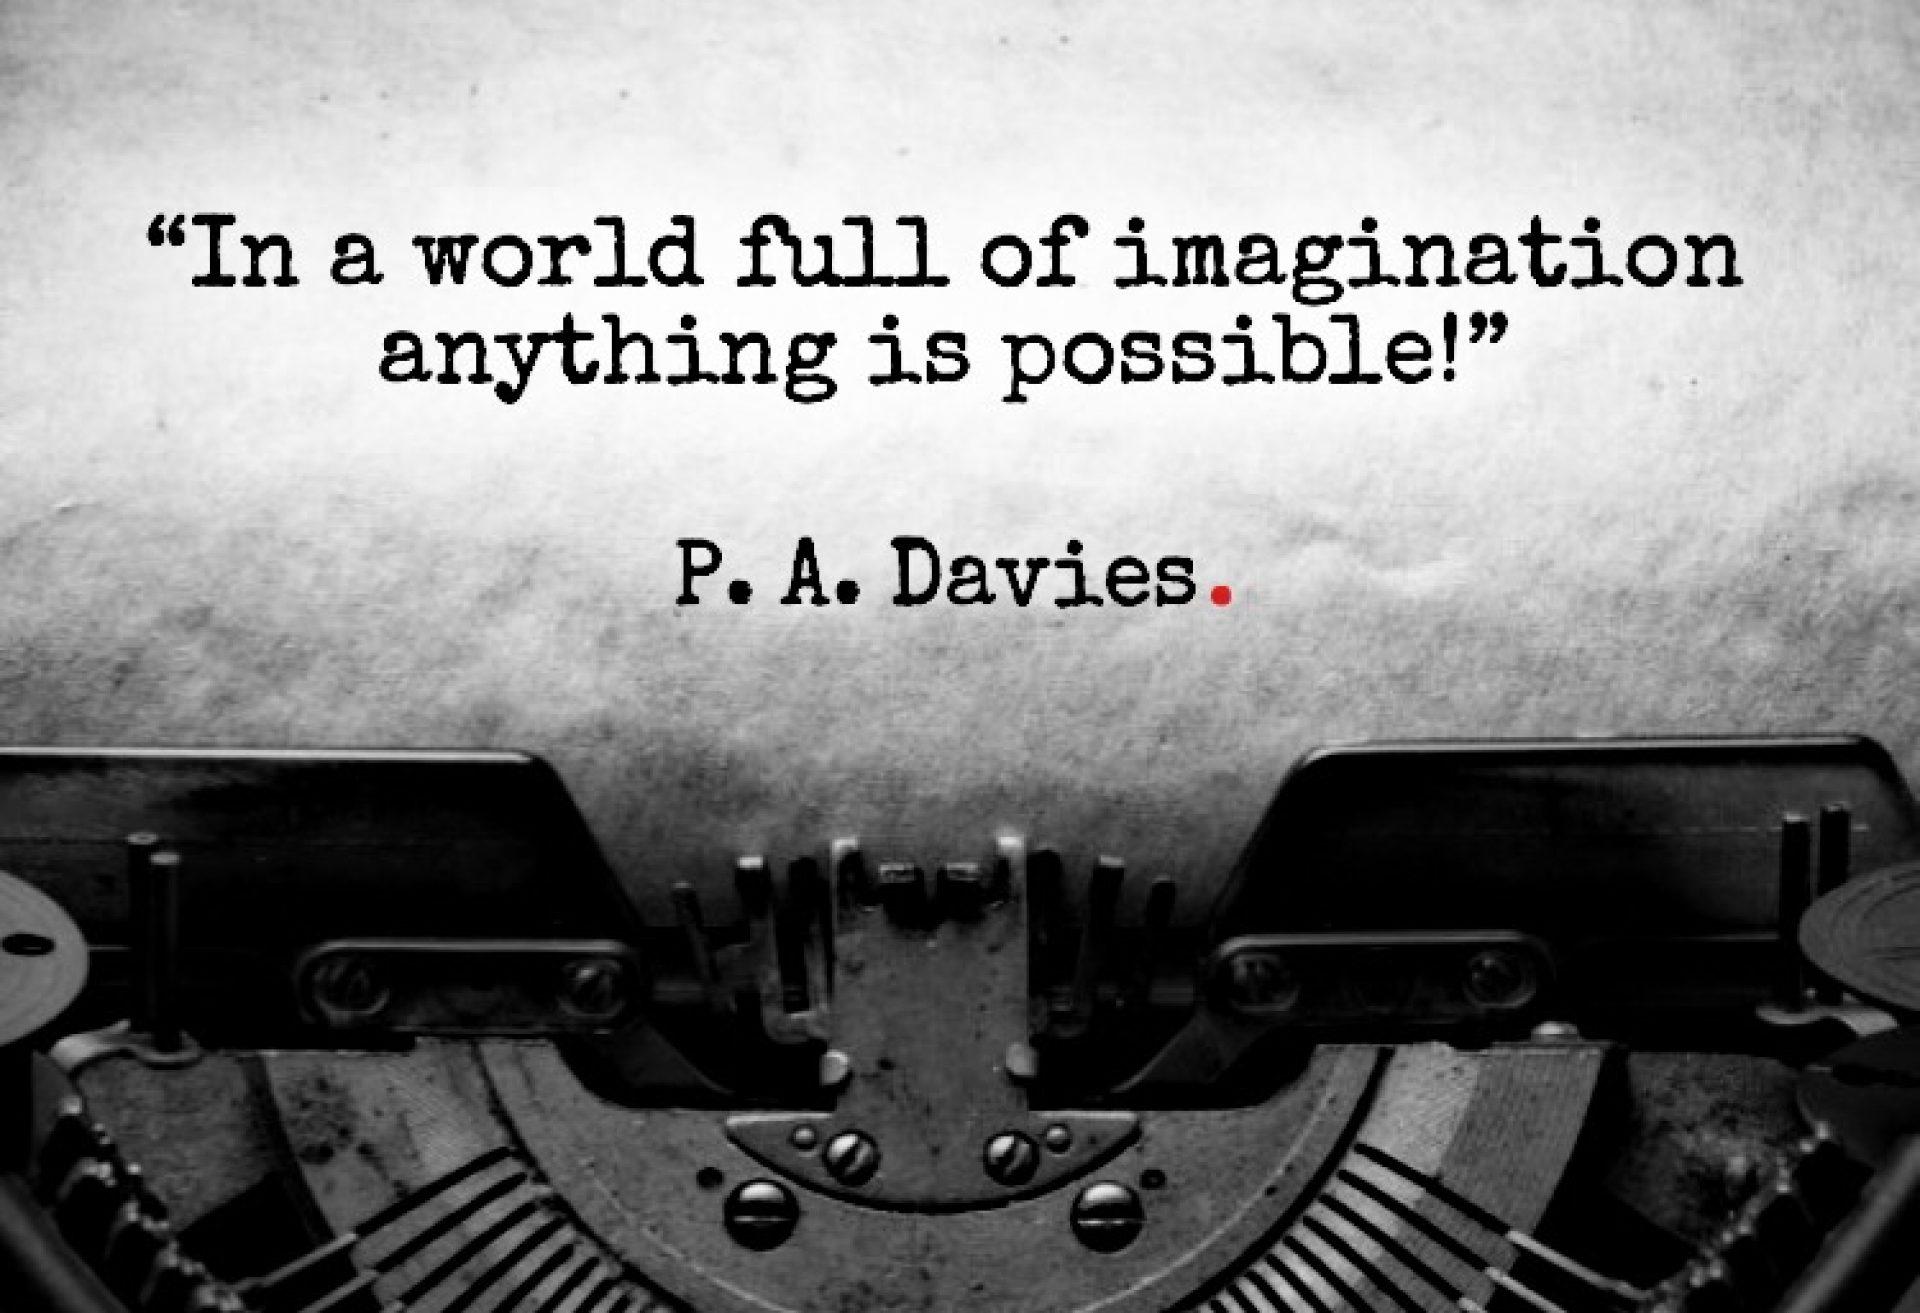 P.A. Davies – Author